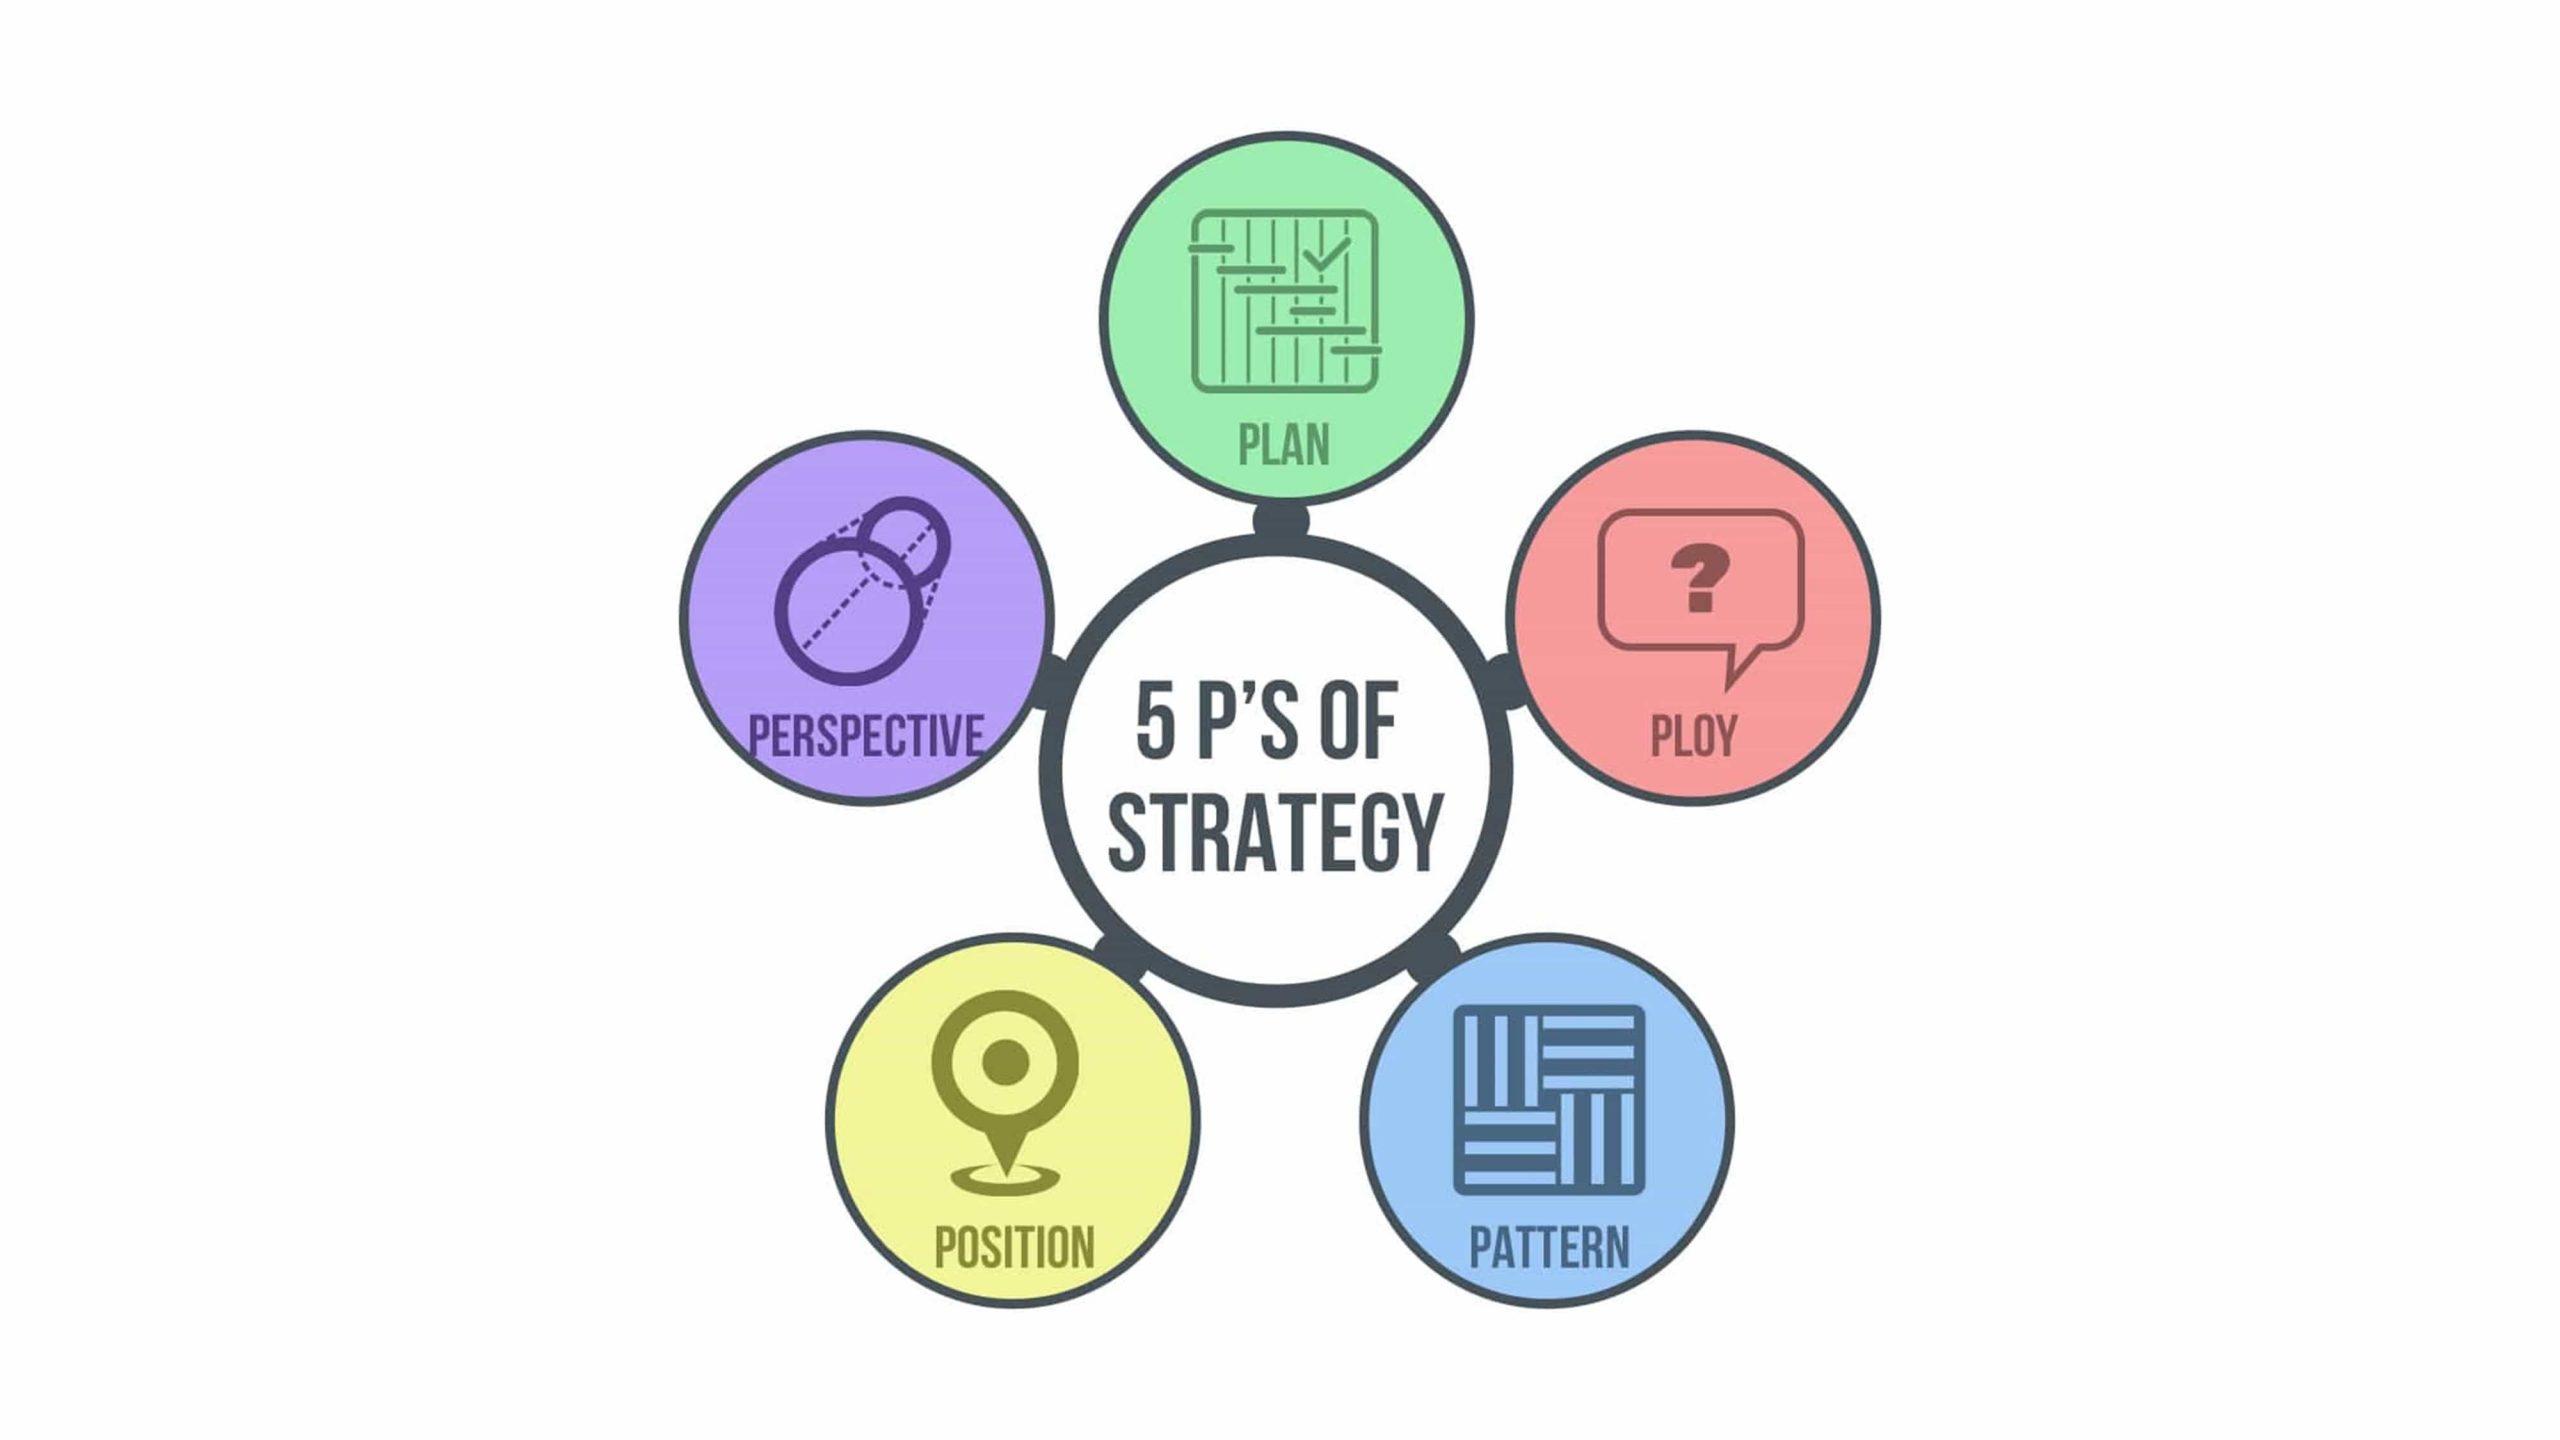 Os 5Ps da Estratégia de Mintzberg: Saiba o que é e como aplicar